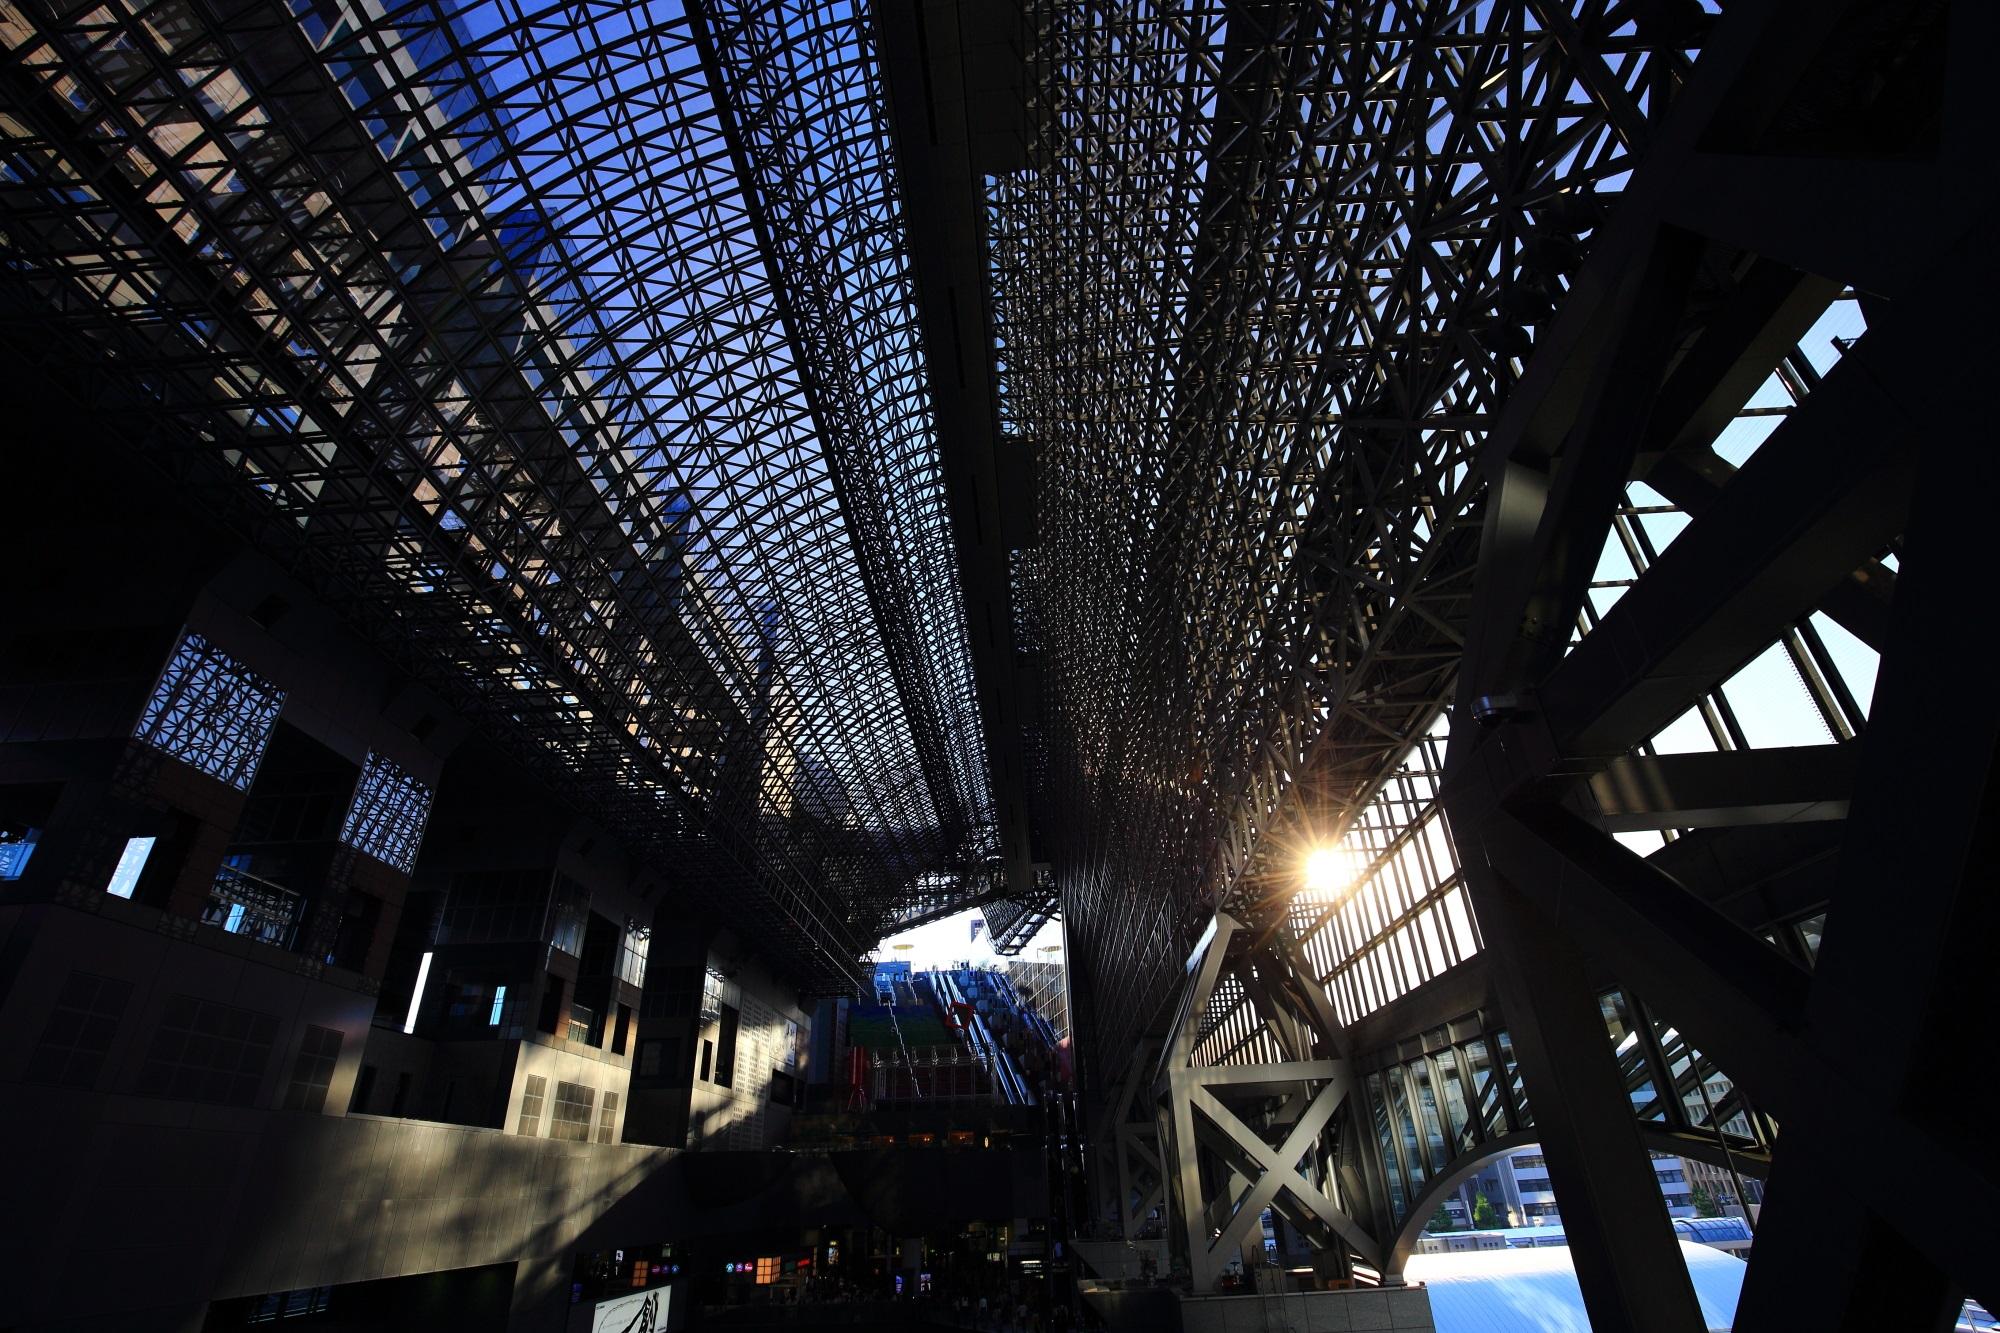 駅ビルの内側のガラス張りと太陽